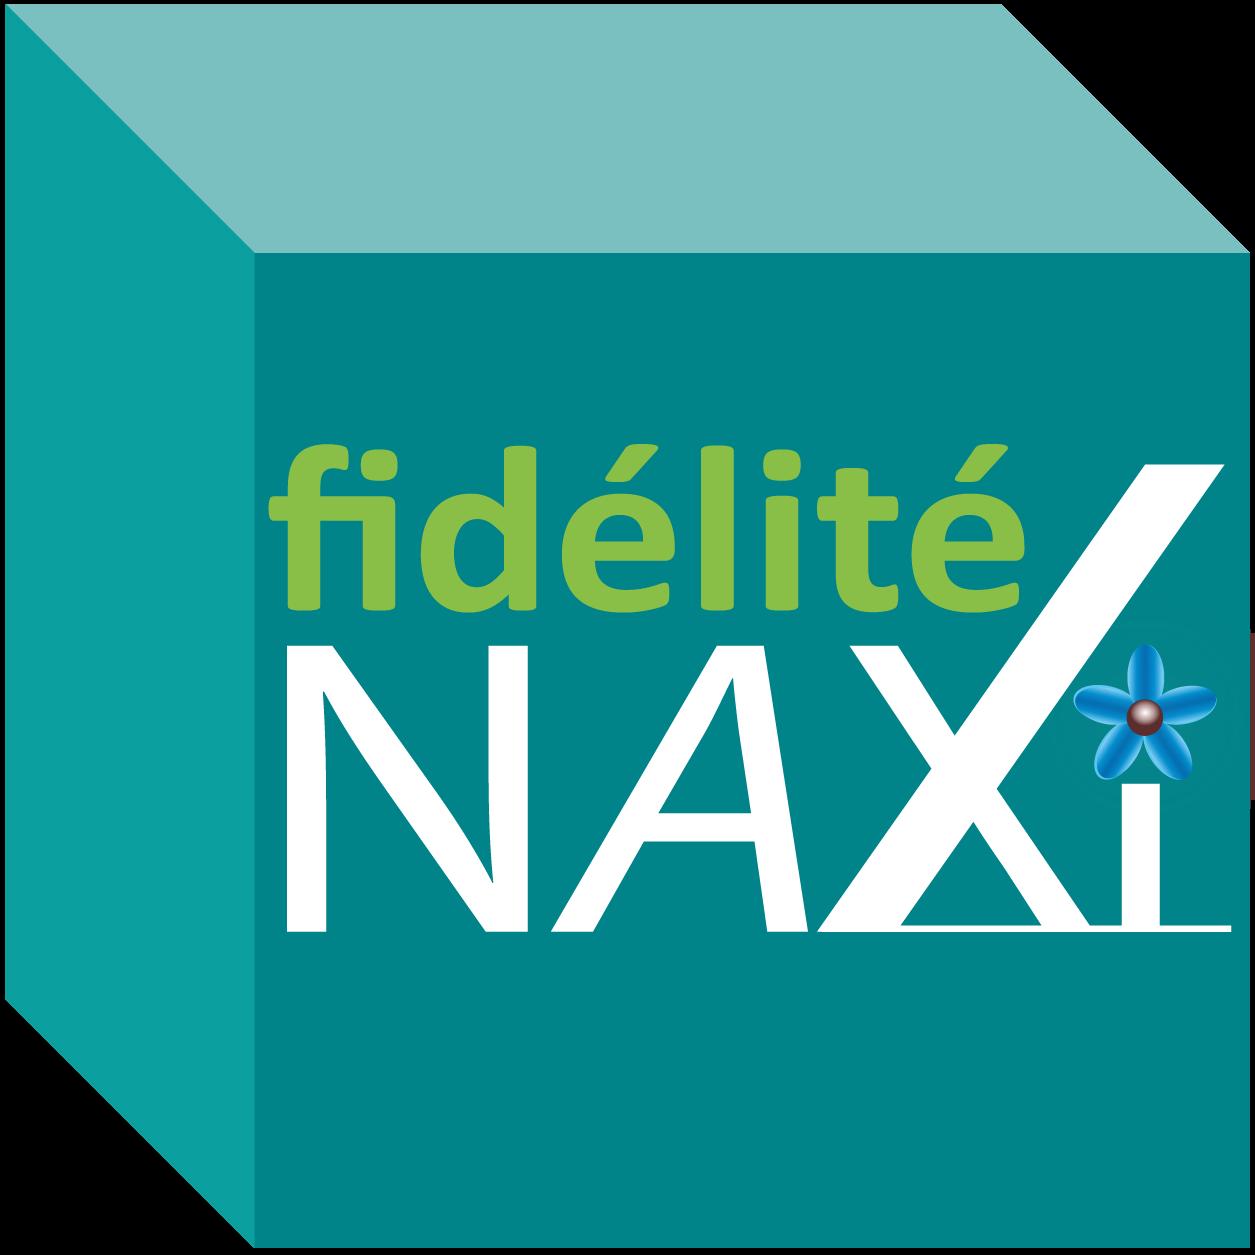 logiciel Naxi-fidélité